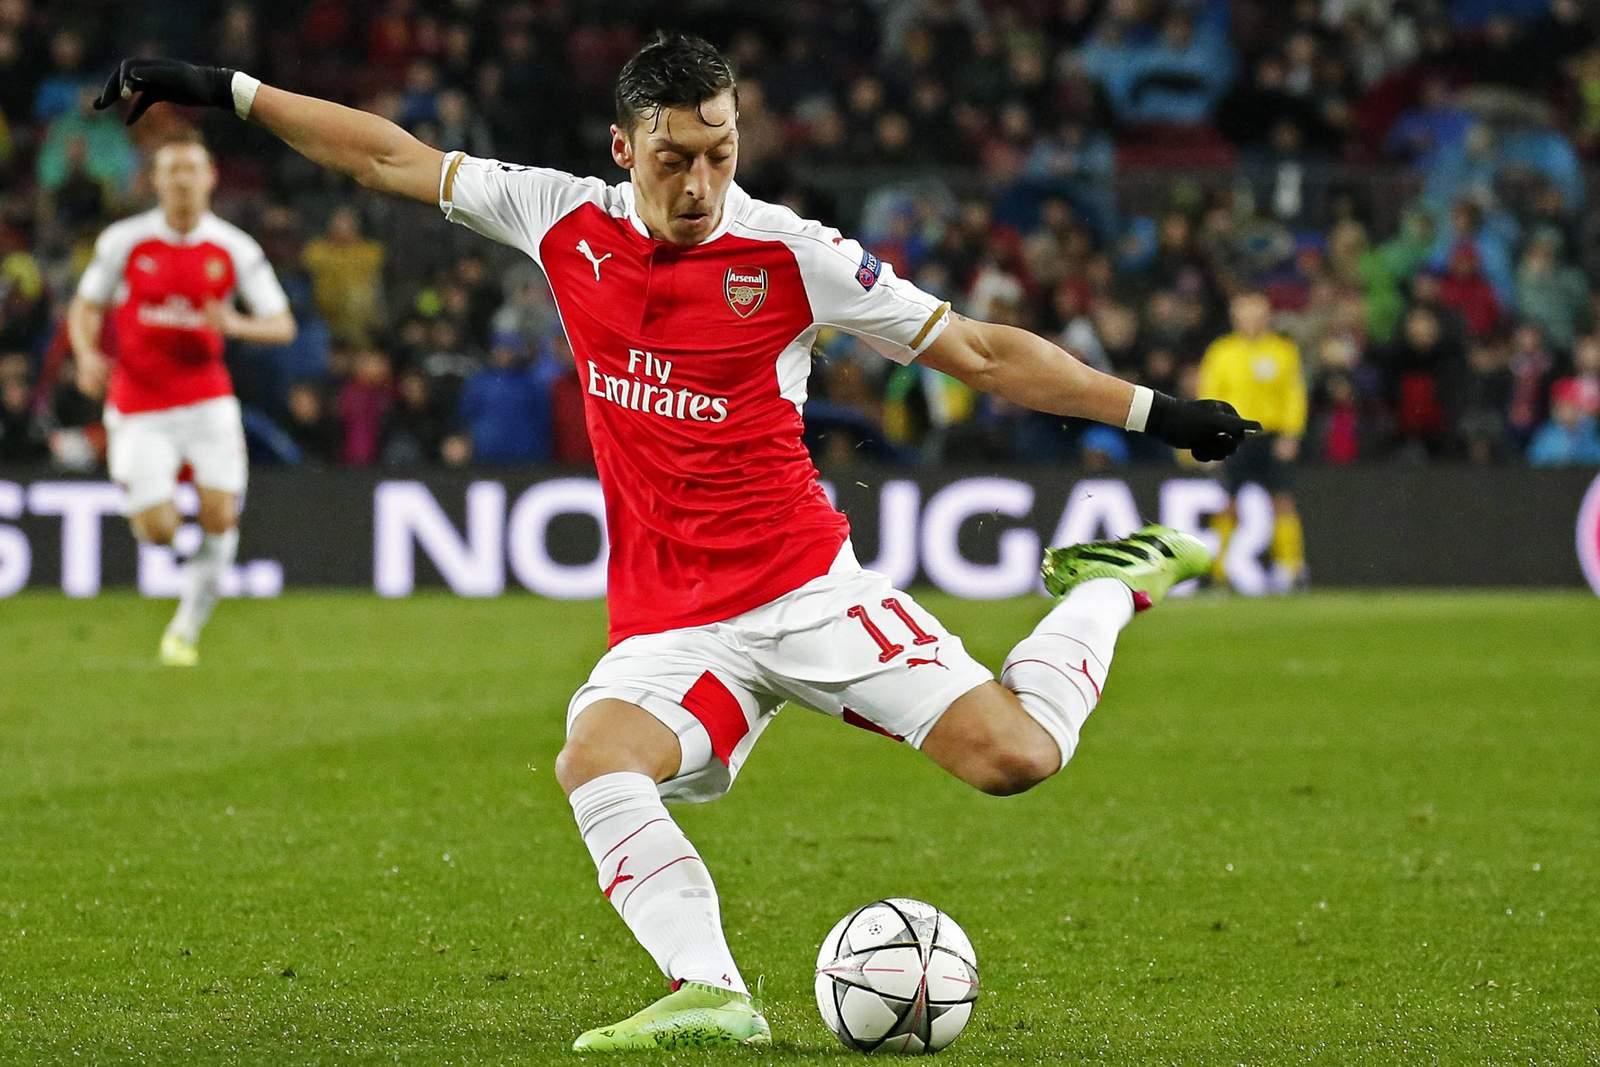 Trifft Özil wieder? Jetzt auf Arsenal gegen Napoli wetten